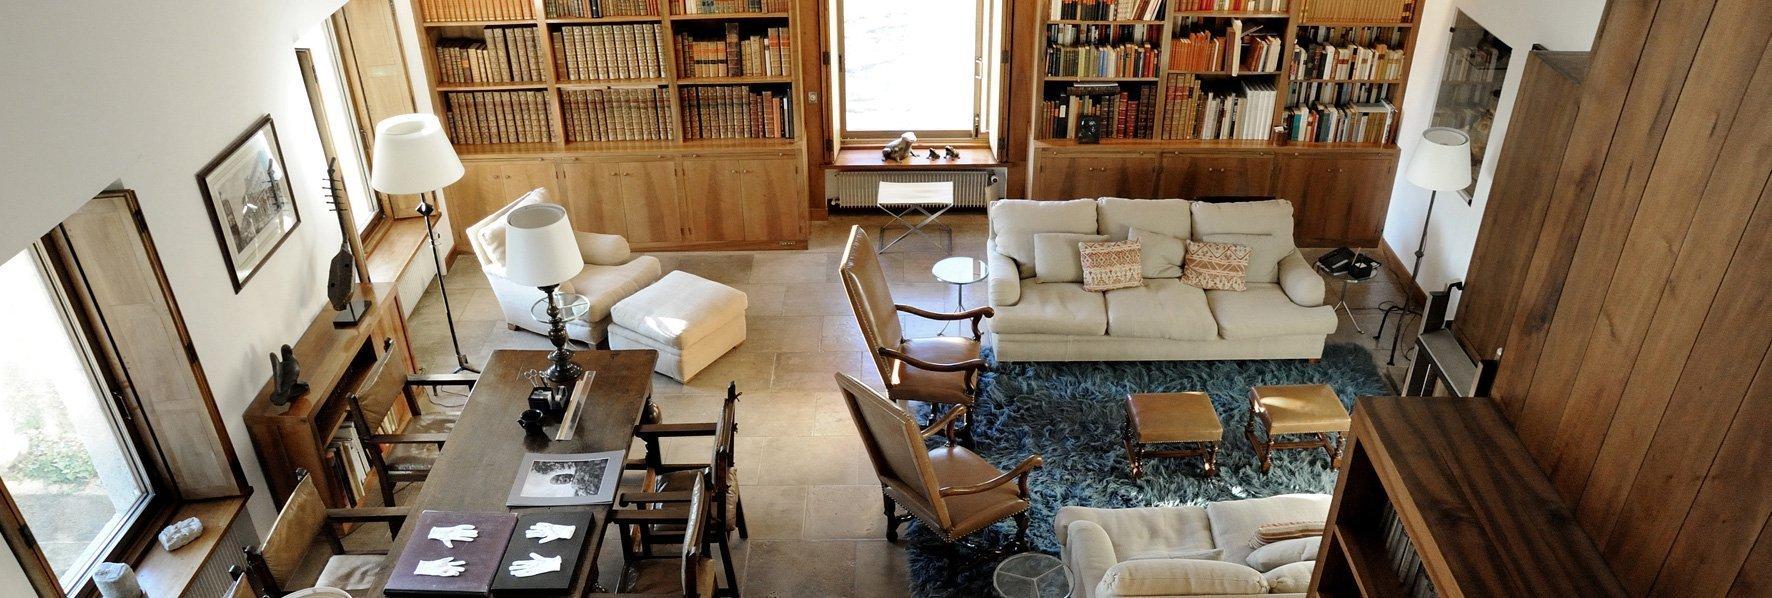 Bibliothèque © Dominique Laugé